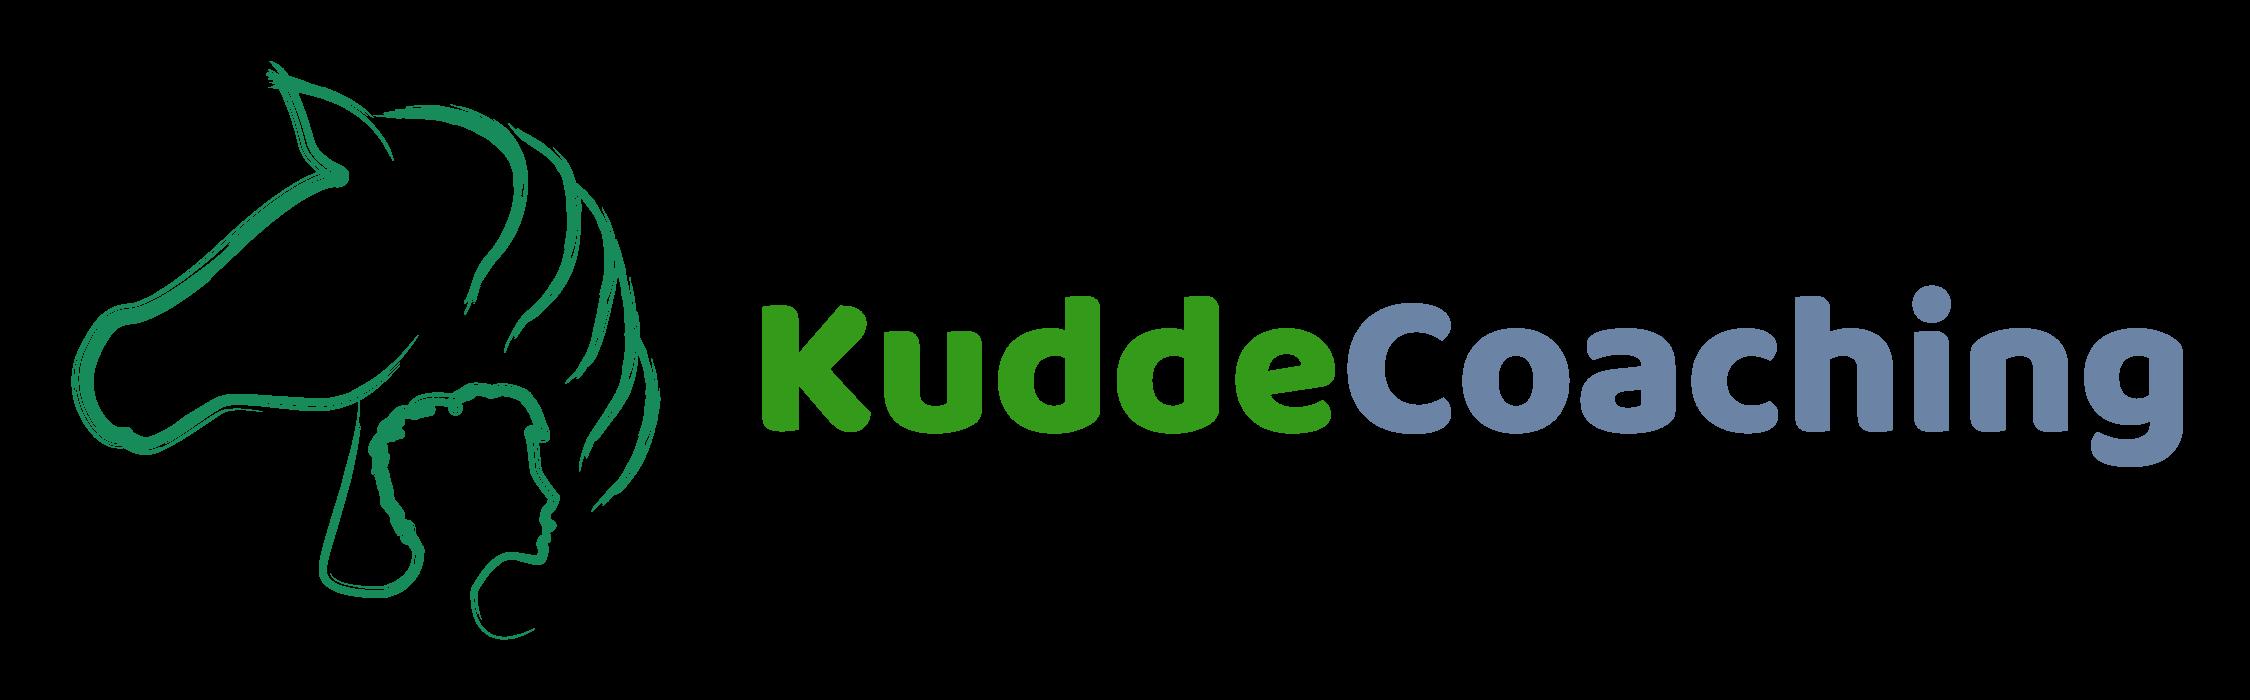 KuddeCoaching